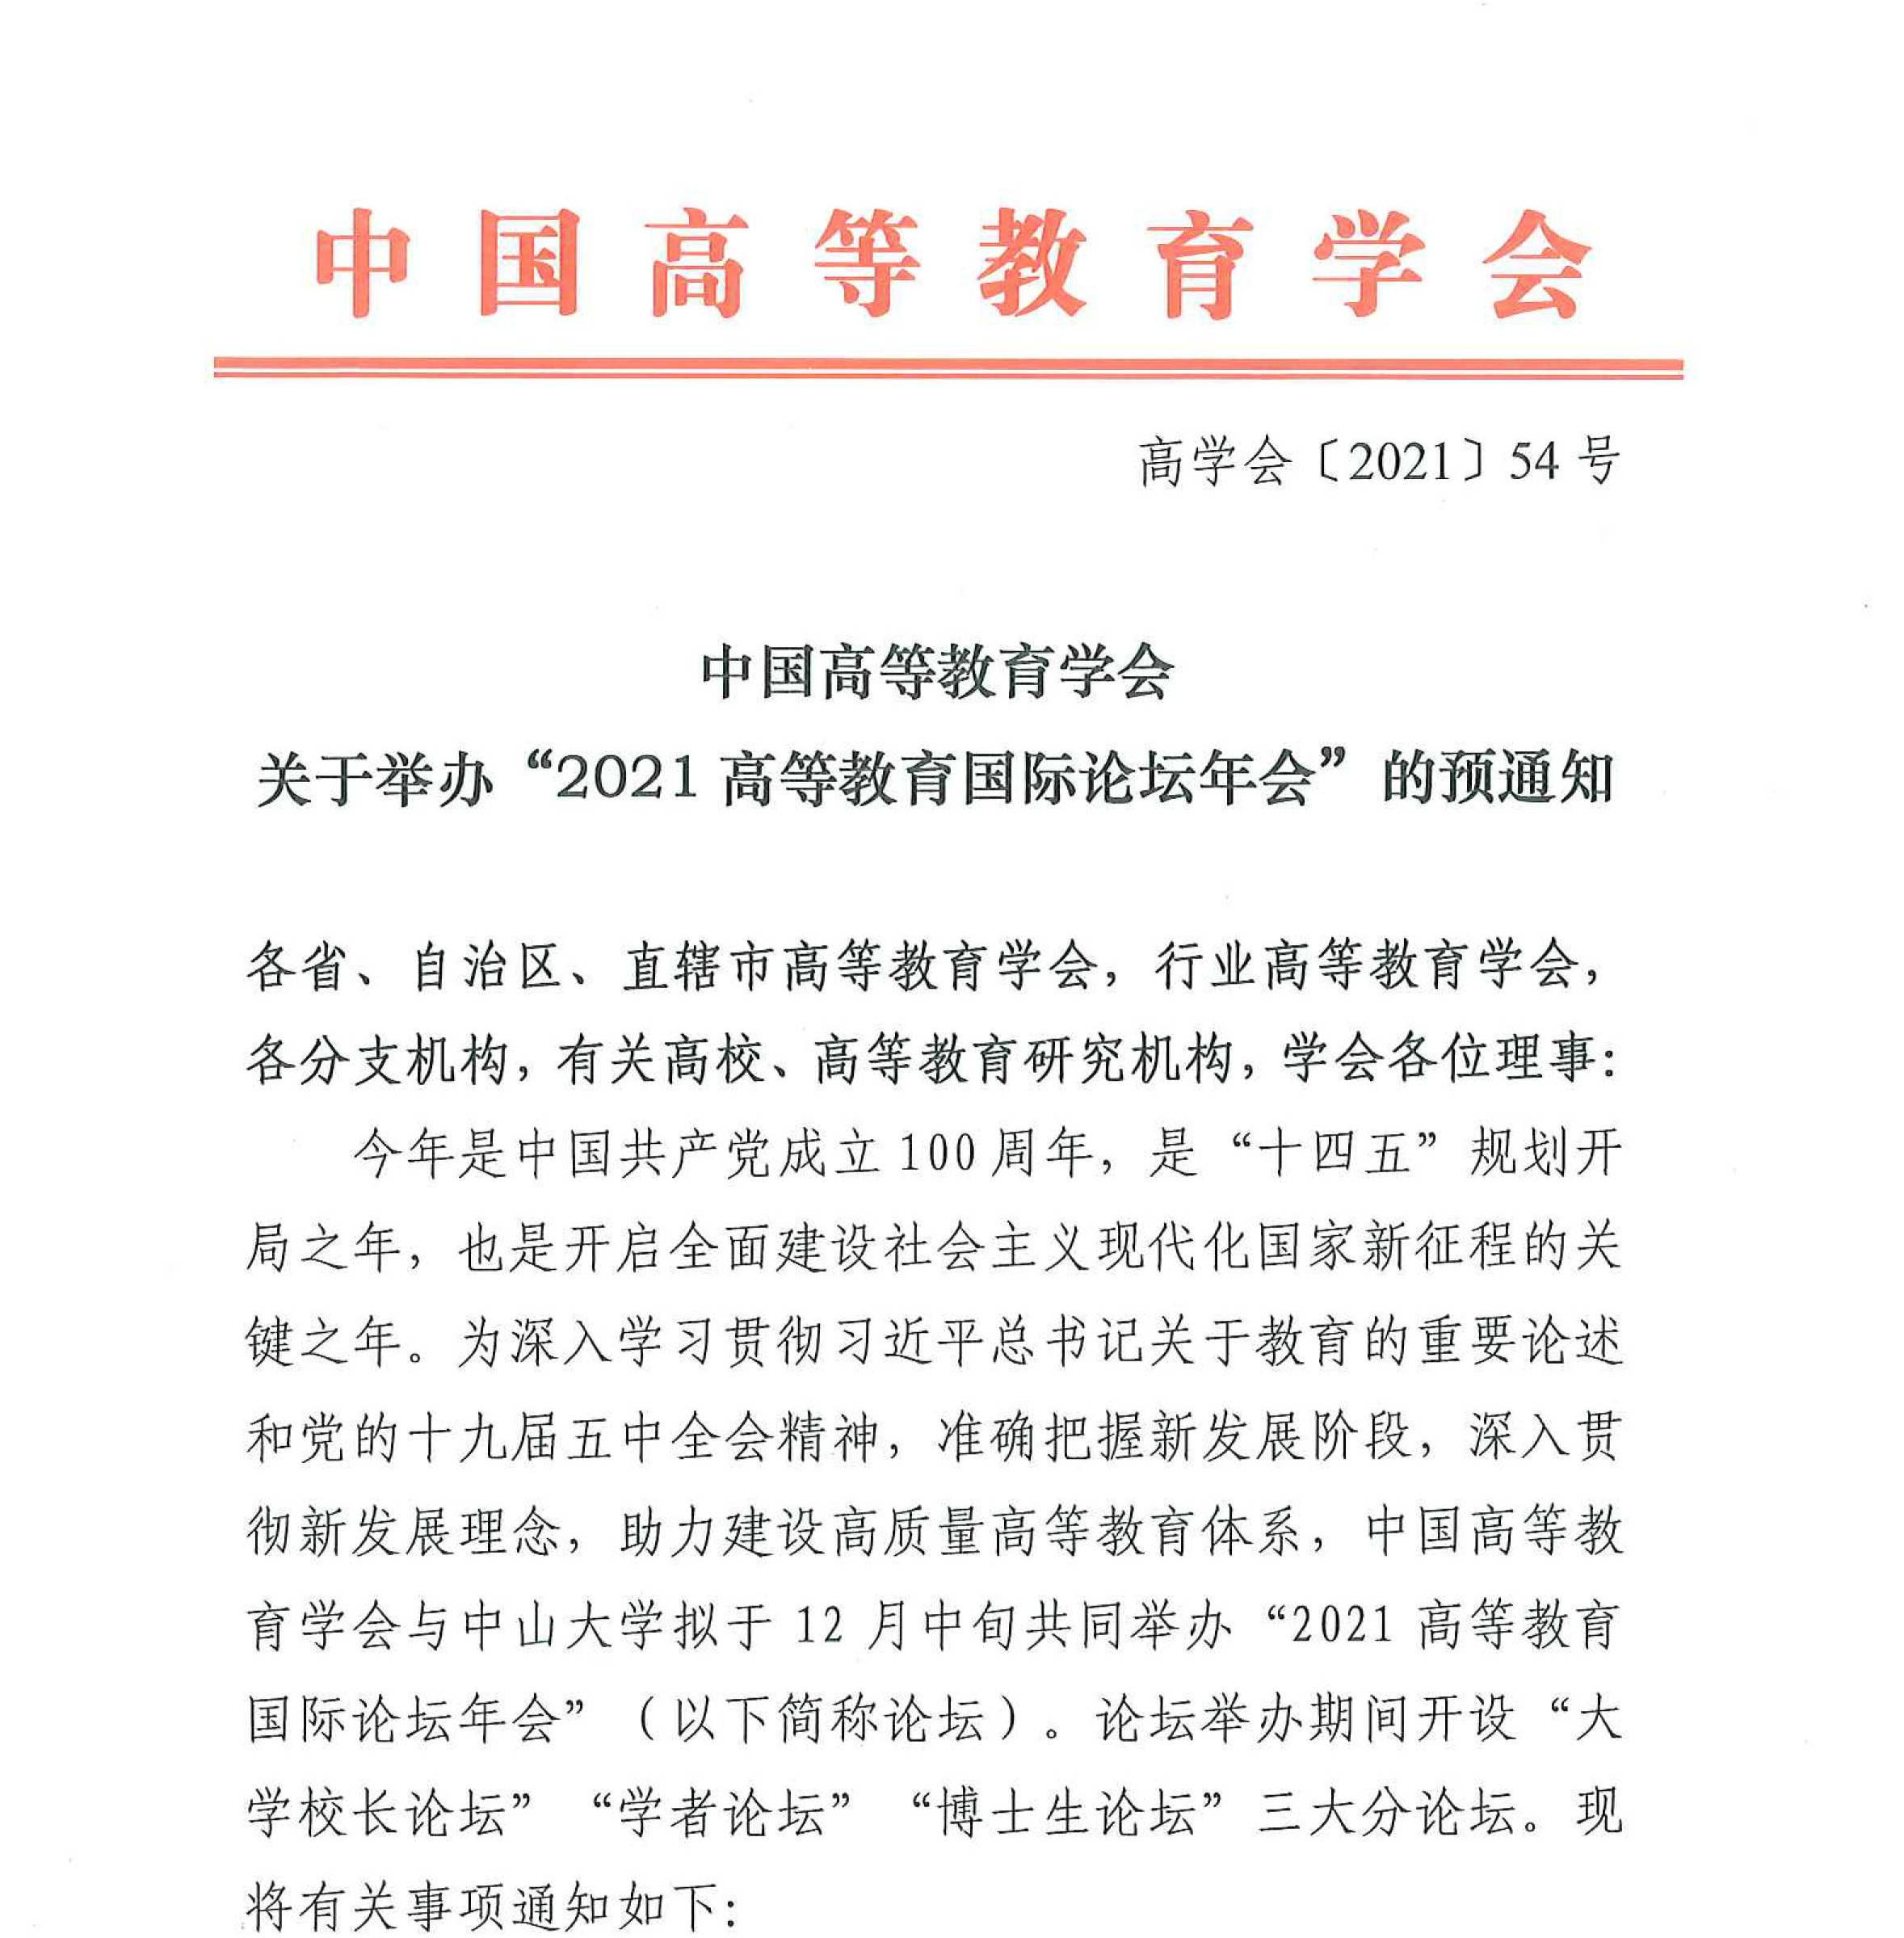 """中国高等教育学会关于举办""""2021高等教育国际论坛年会""""的通知"""